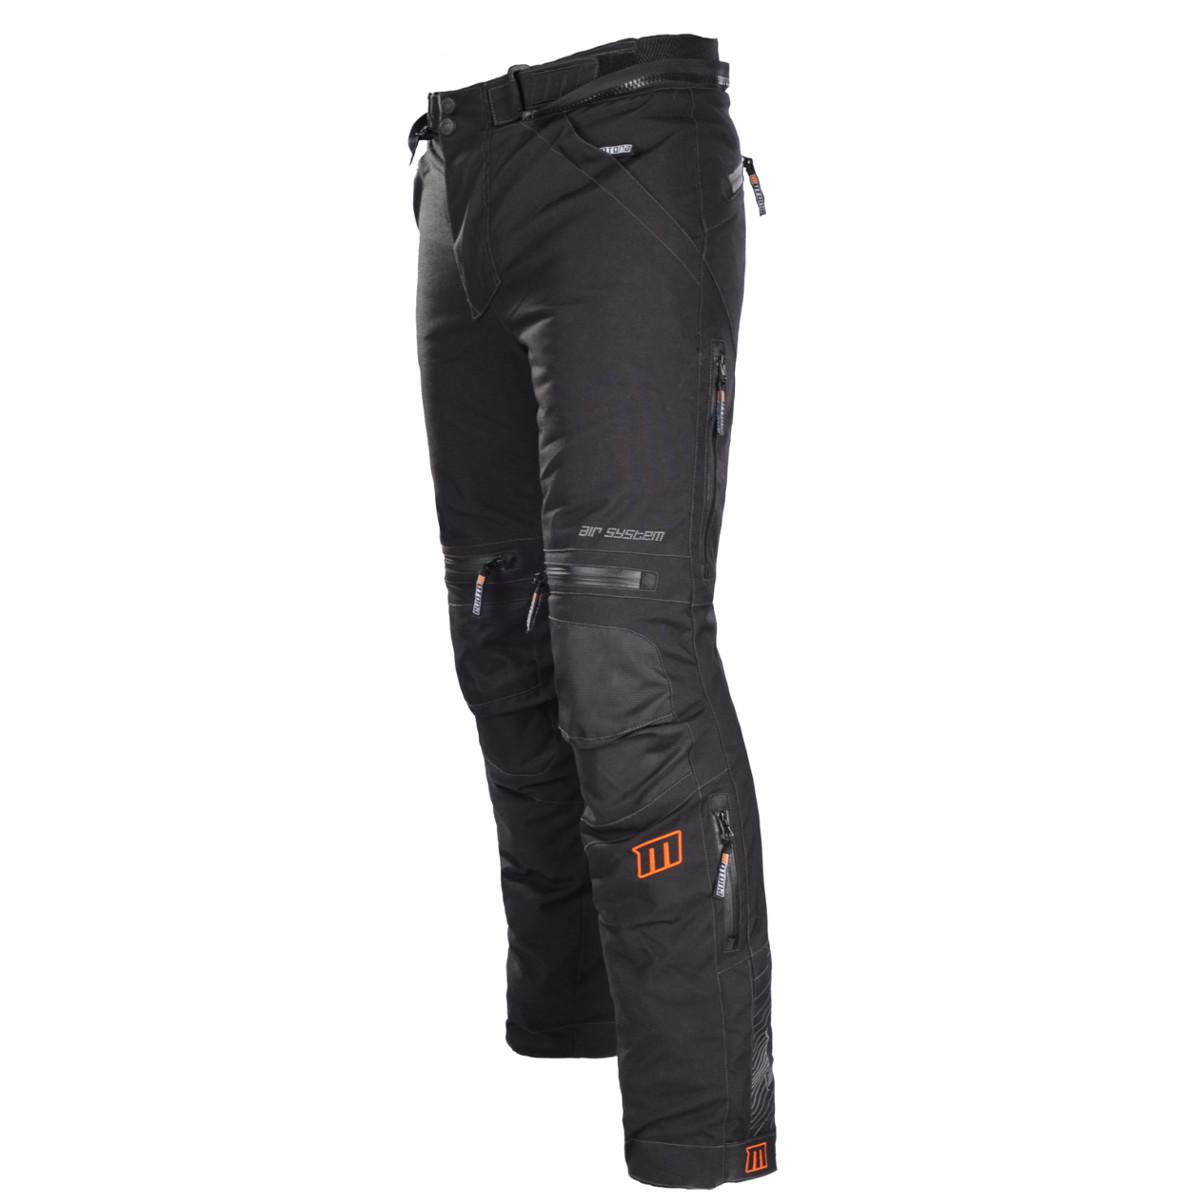 Spodnie-motocyklowe-skracane krotkie nogawki